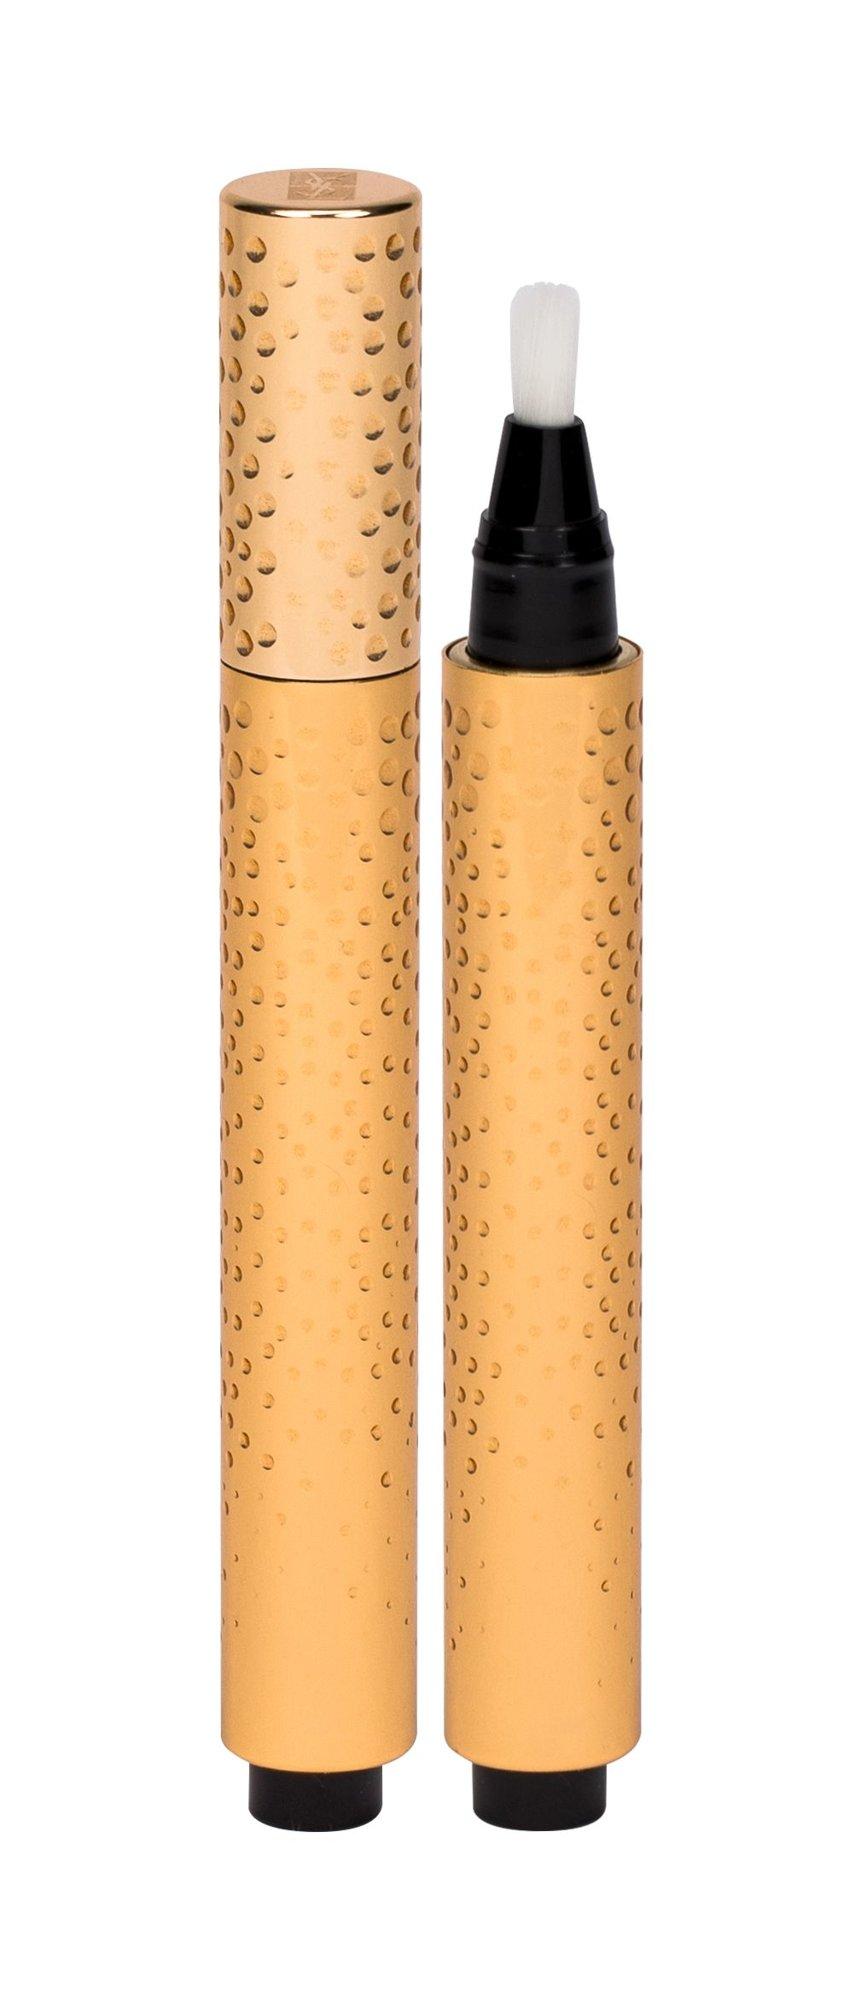 Yves Saint Laurent Touche Éclat Brightener 2,5ml 2 Ivoire Lumiere